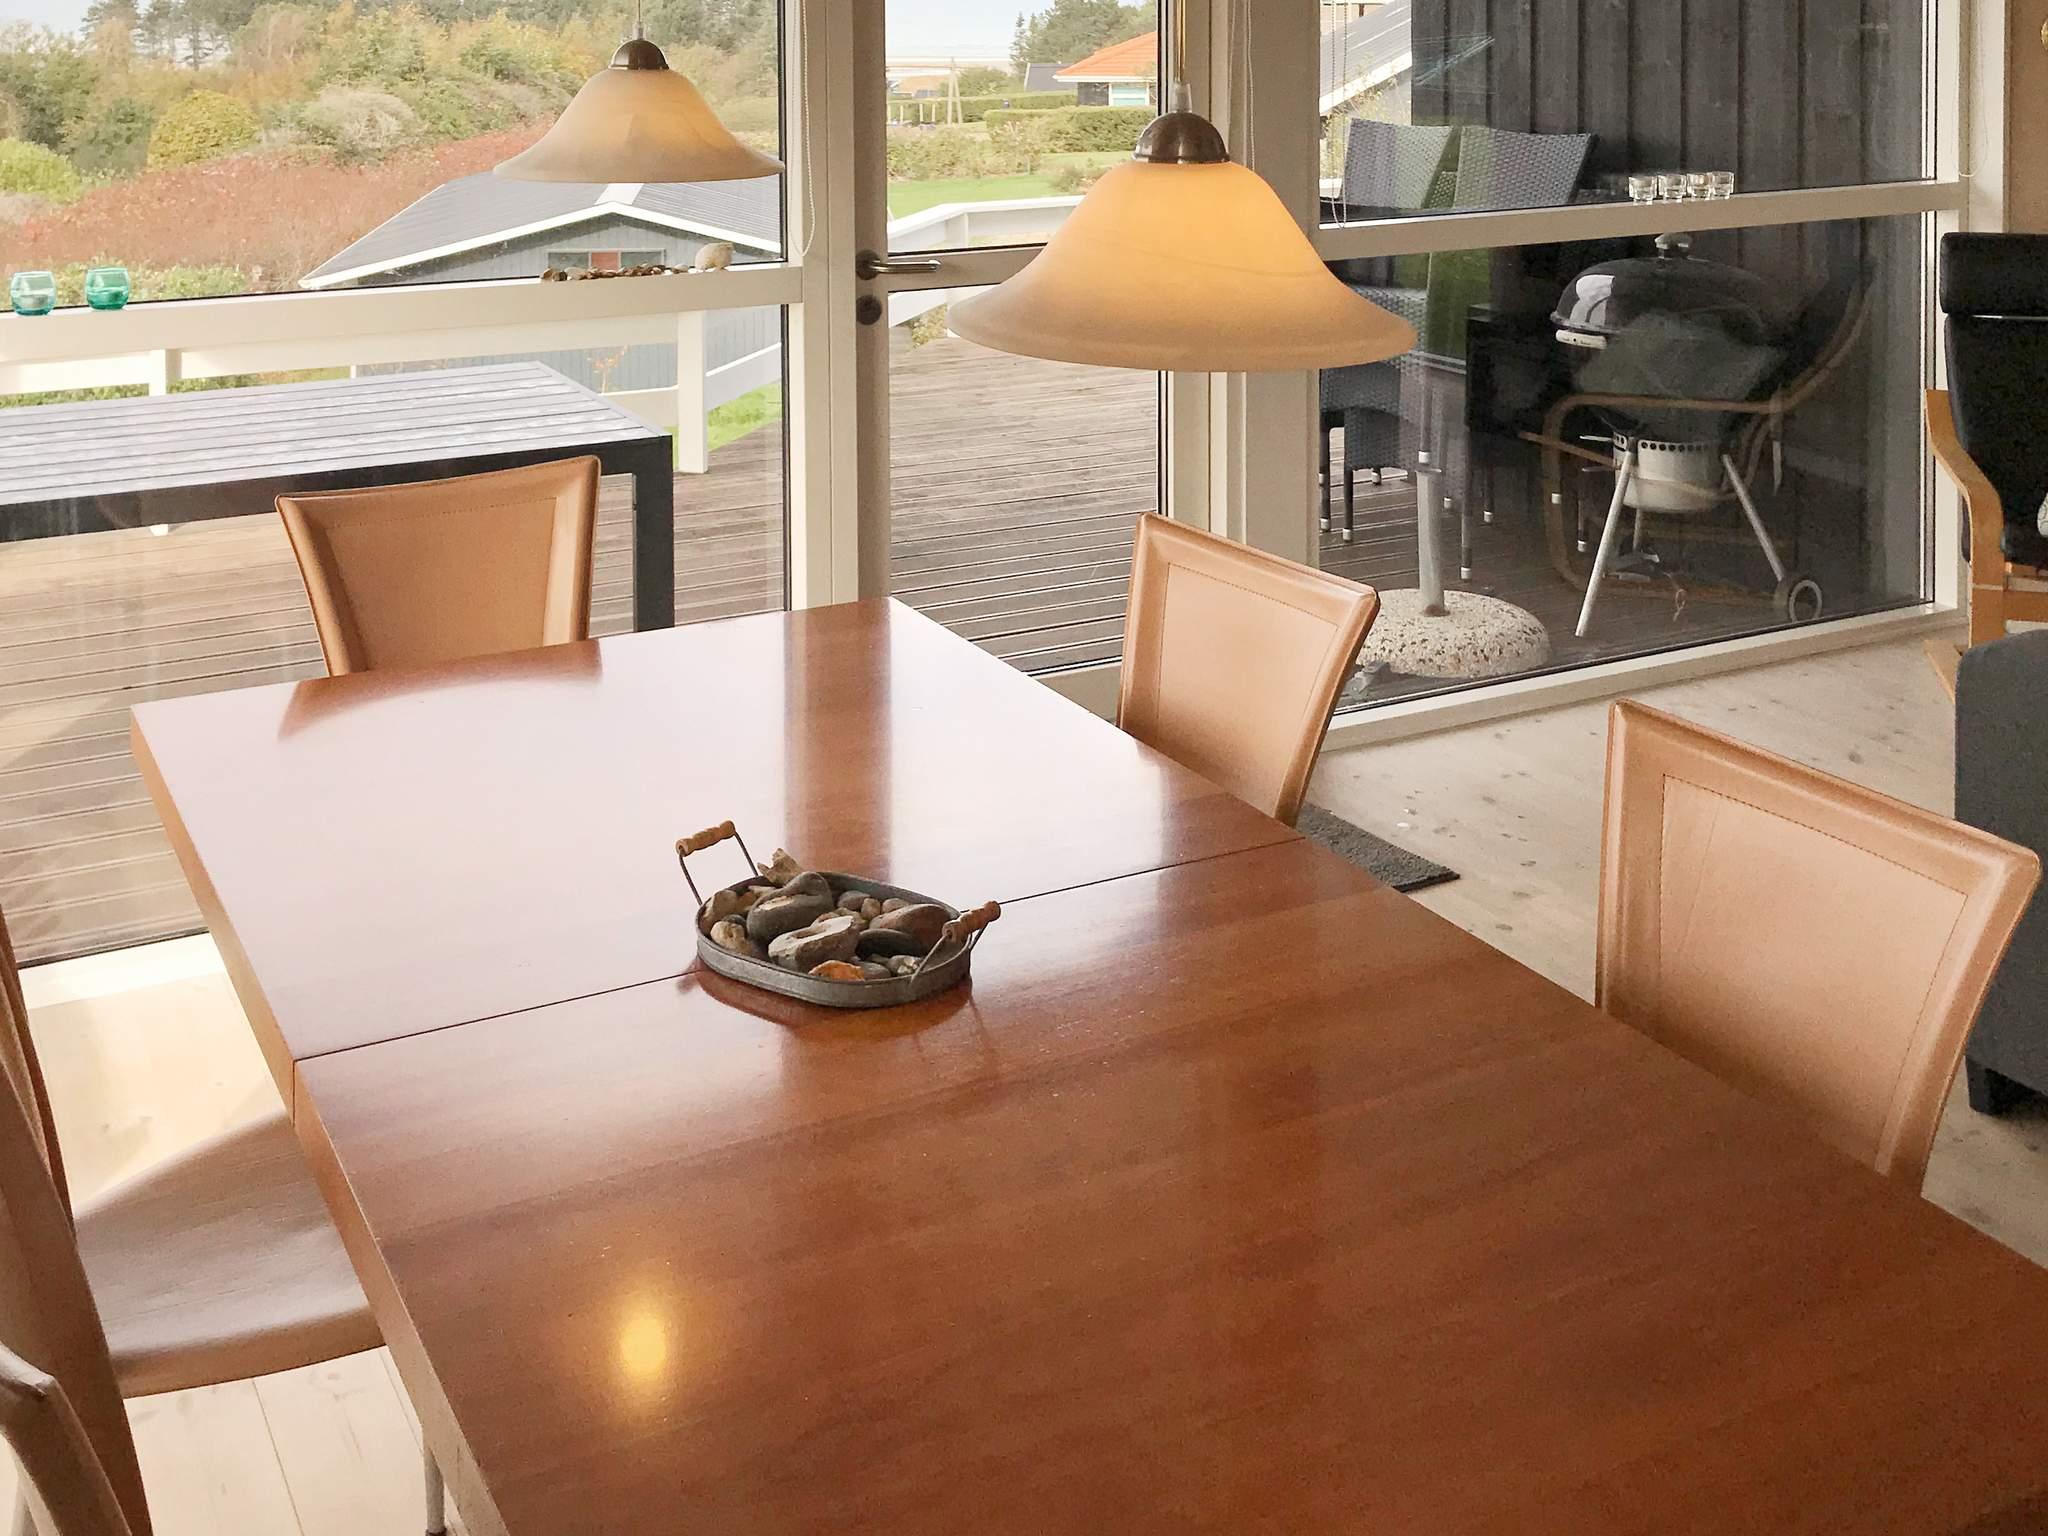 Ferienhaus Bønnerup Strand (601852), Bønnerup, , Ostjütland, Dänemark, Bild 6